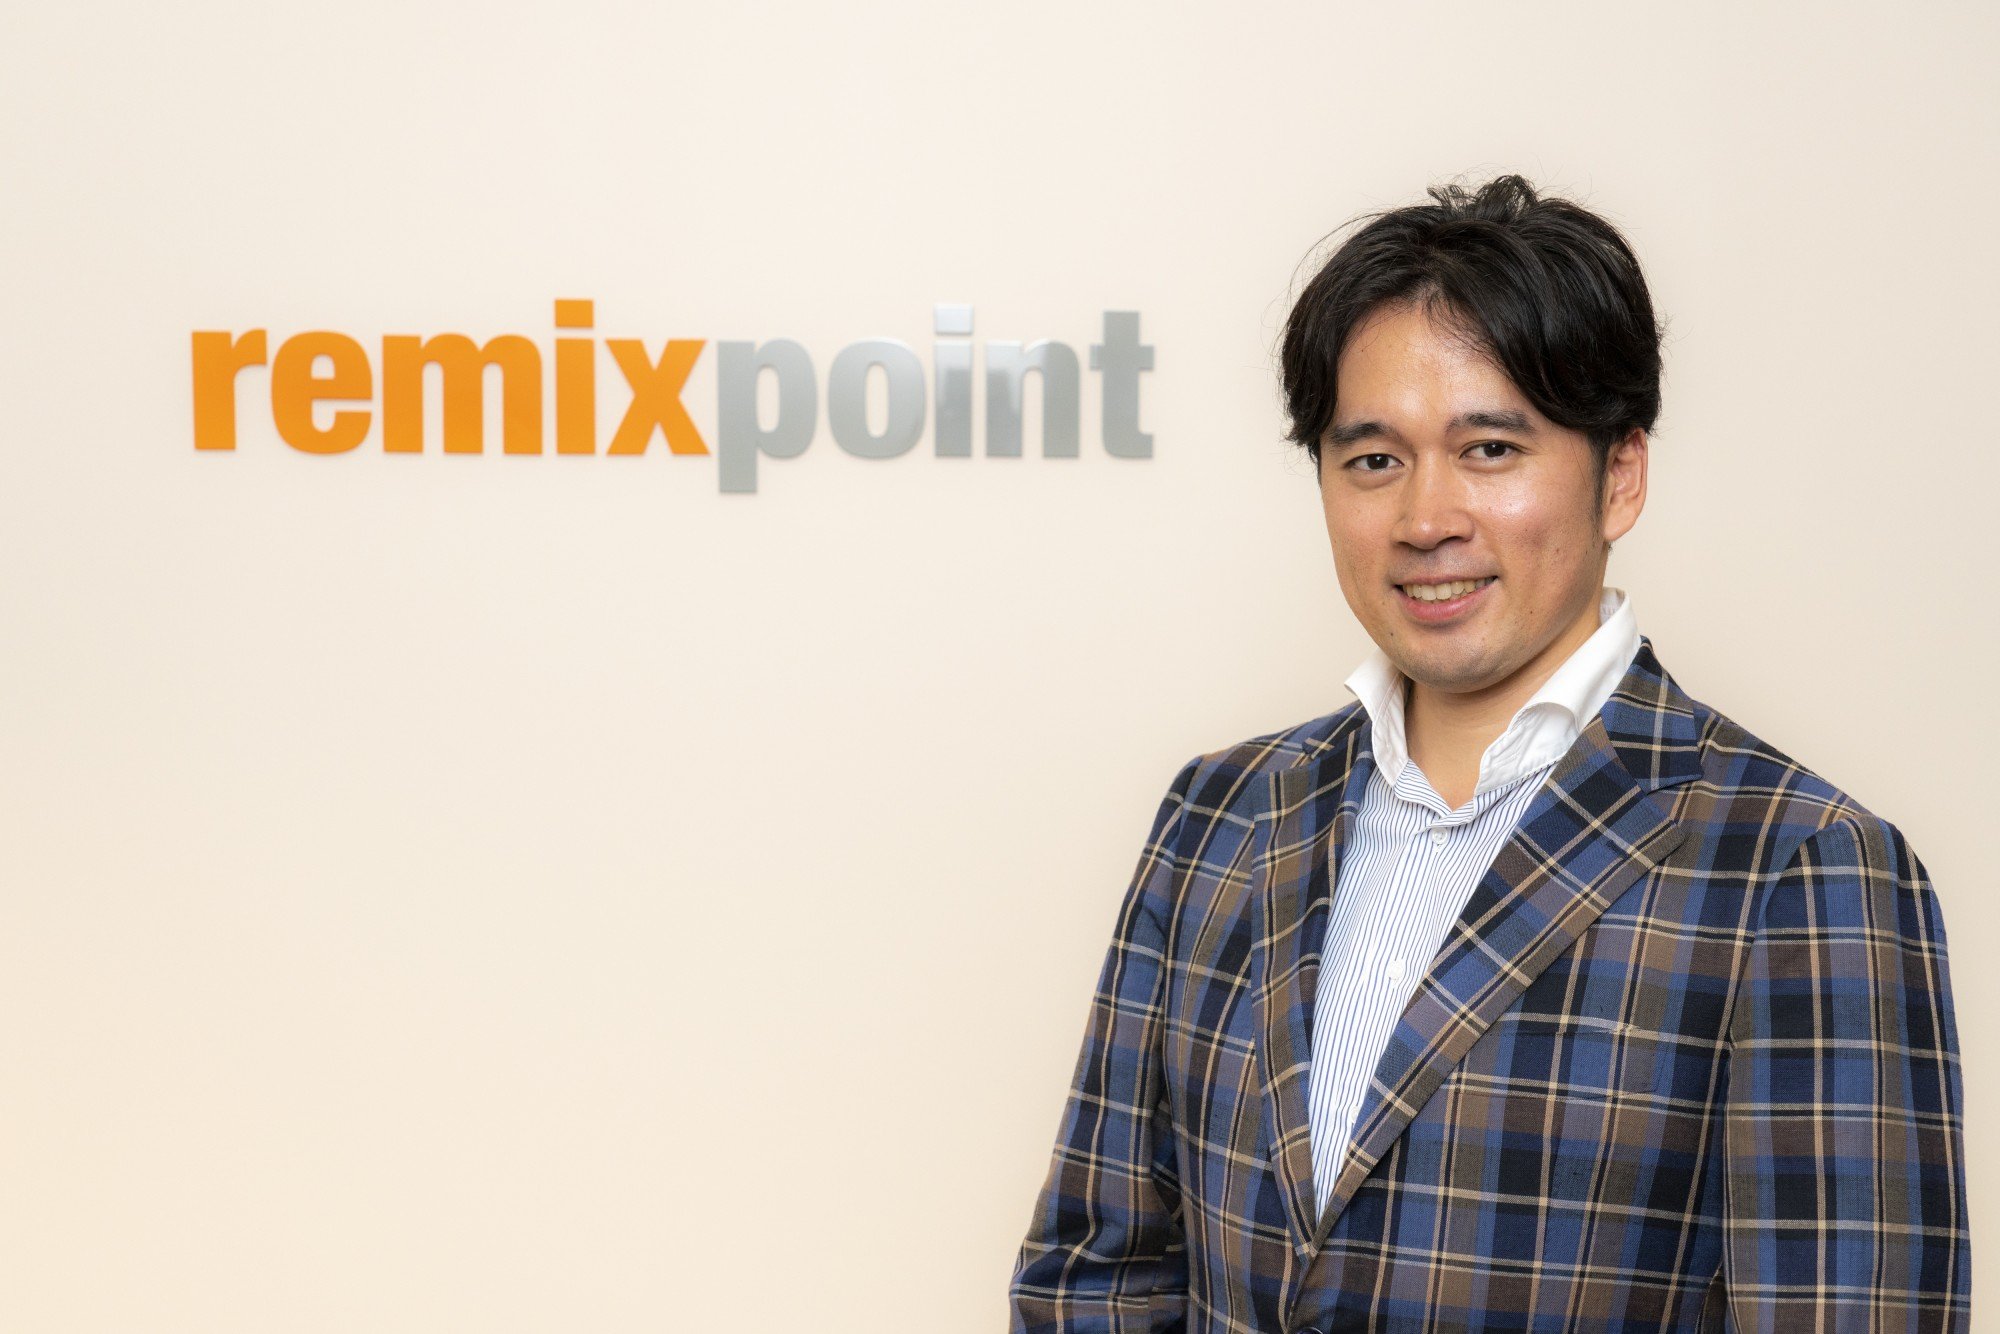 株式会社リミックスポイント CEO 小田玄紀 インタビューサムネイル